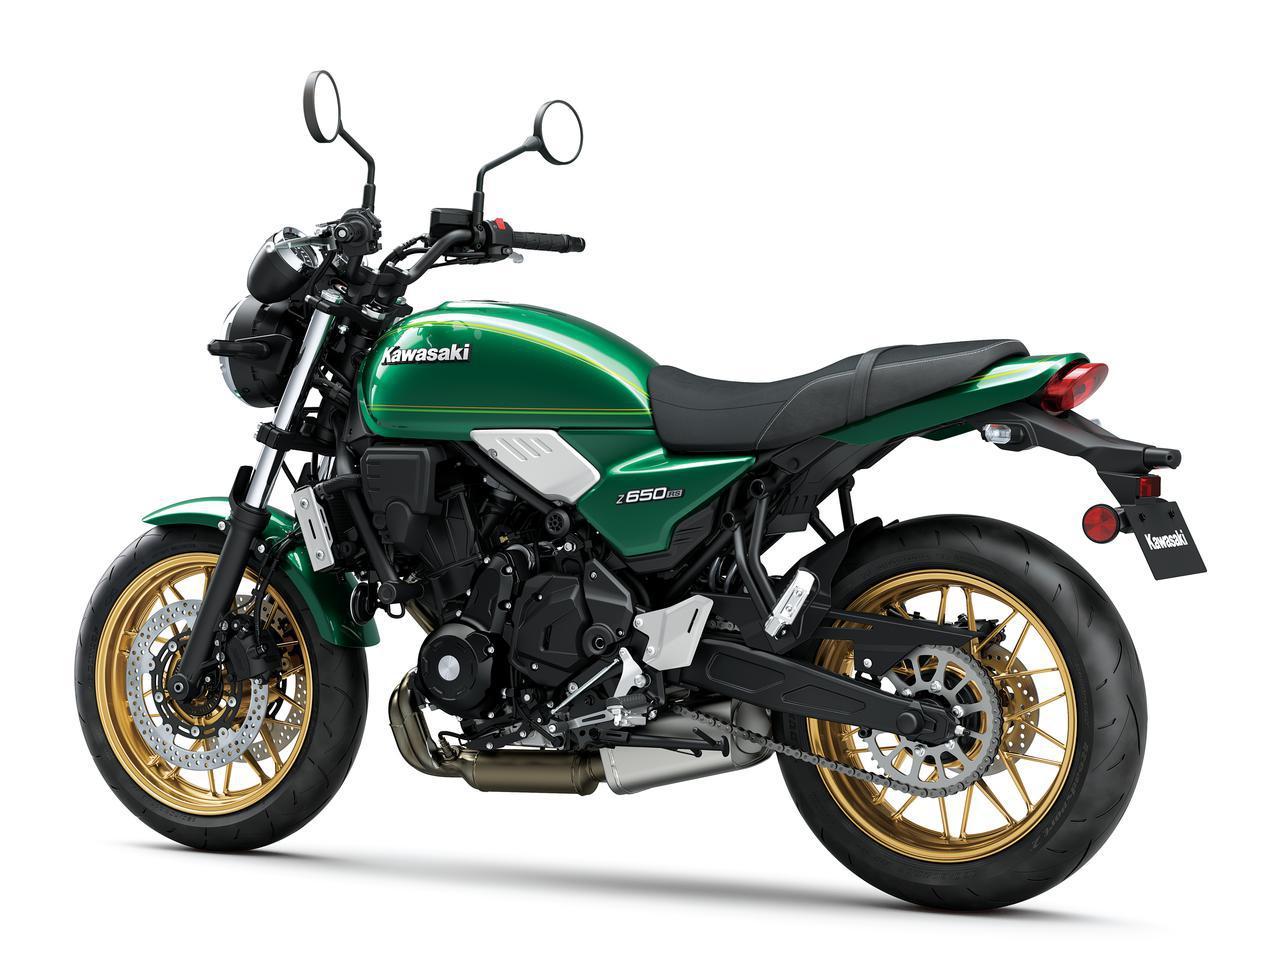 画像7: カワサキ「Z650RS」国内モデルに関する情報|発売時期が明らかに! 日本での販売価格も予想【2022速報】